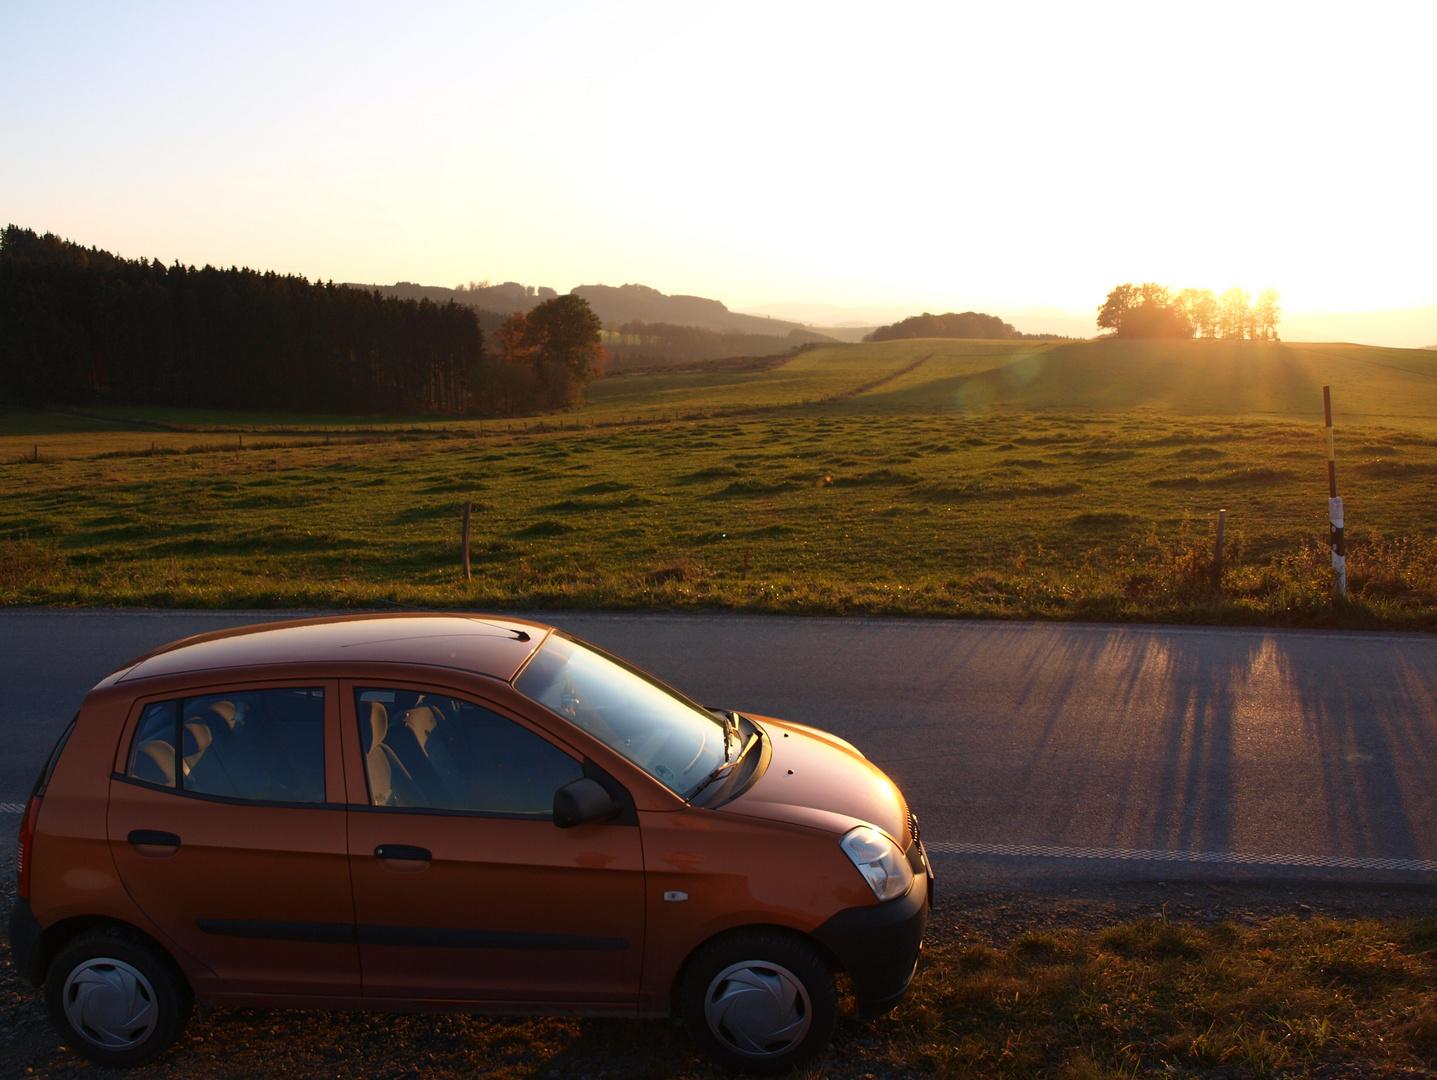 hoch oben im Sauerland steht (m)ein kleines Auto ...